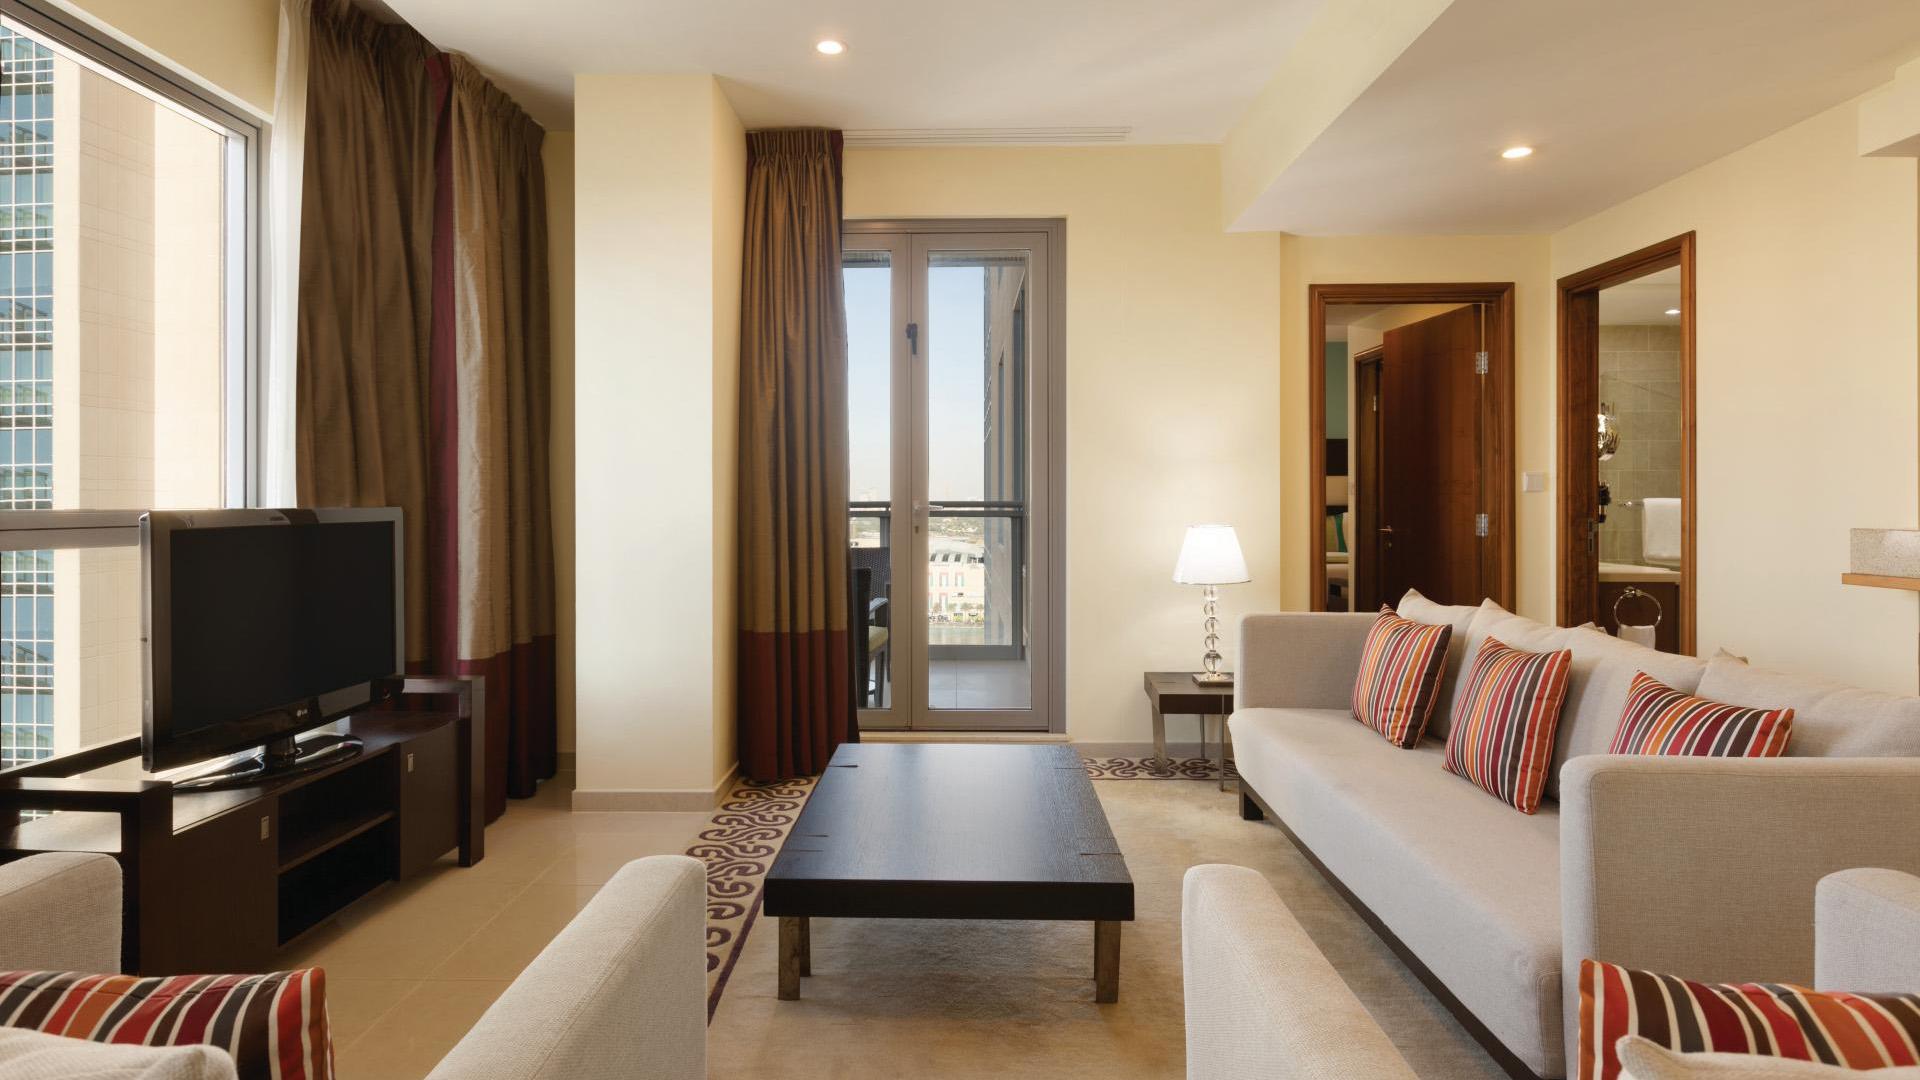 Apartment for sale in Dubai, UAE, 1 bedroom, 96 m2, No. 23901 – photo 1